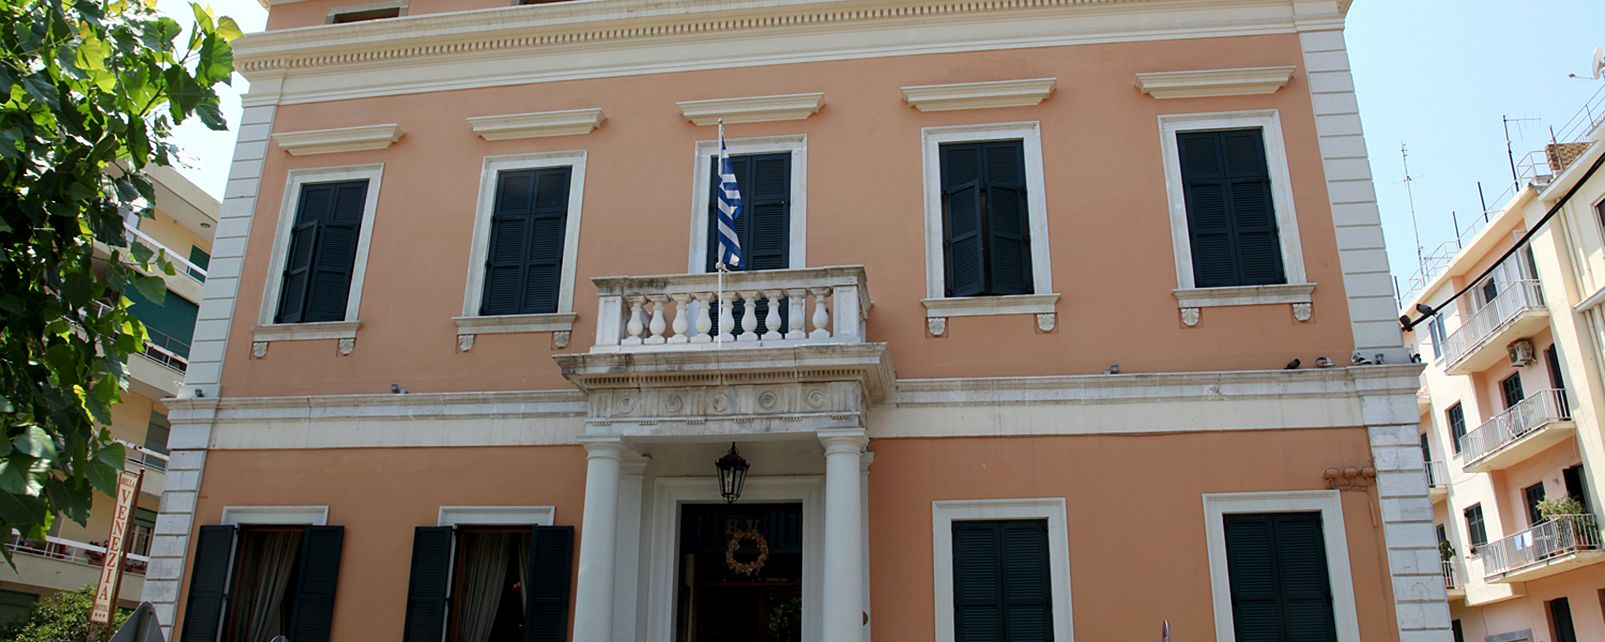 Hôtel Bella Venezia